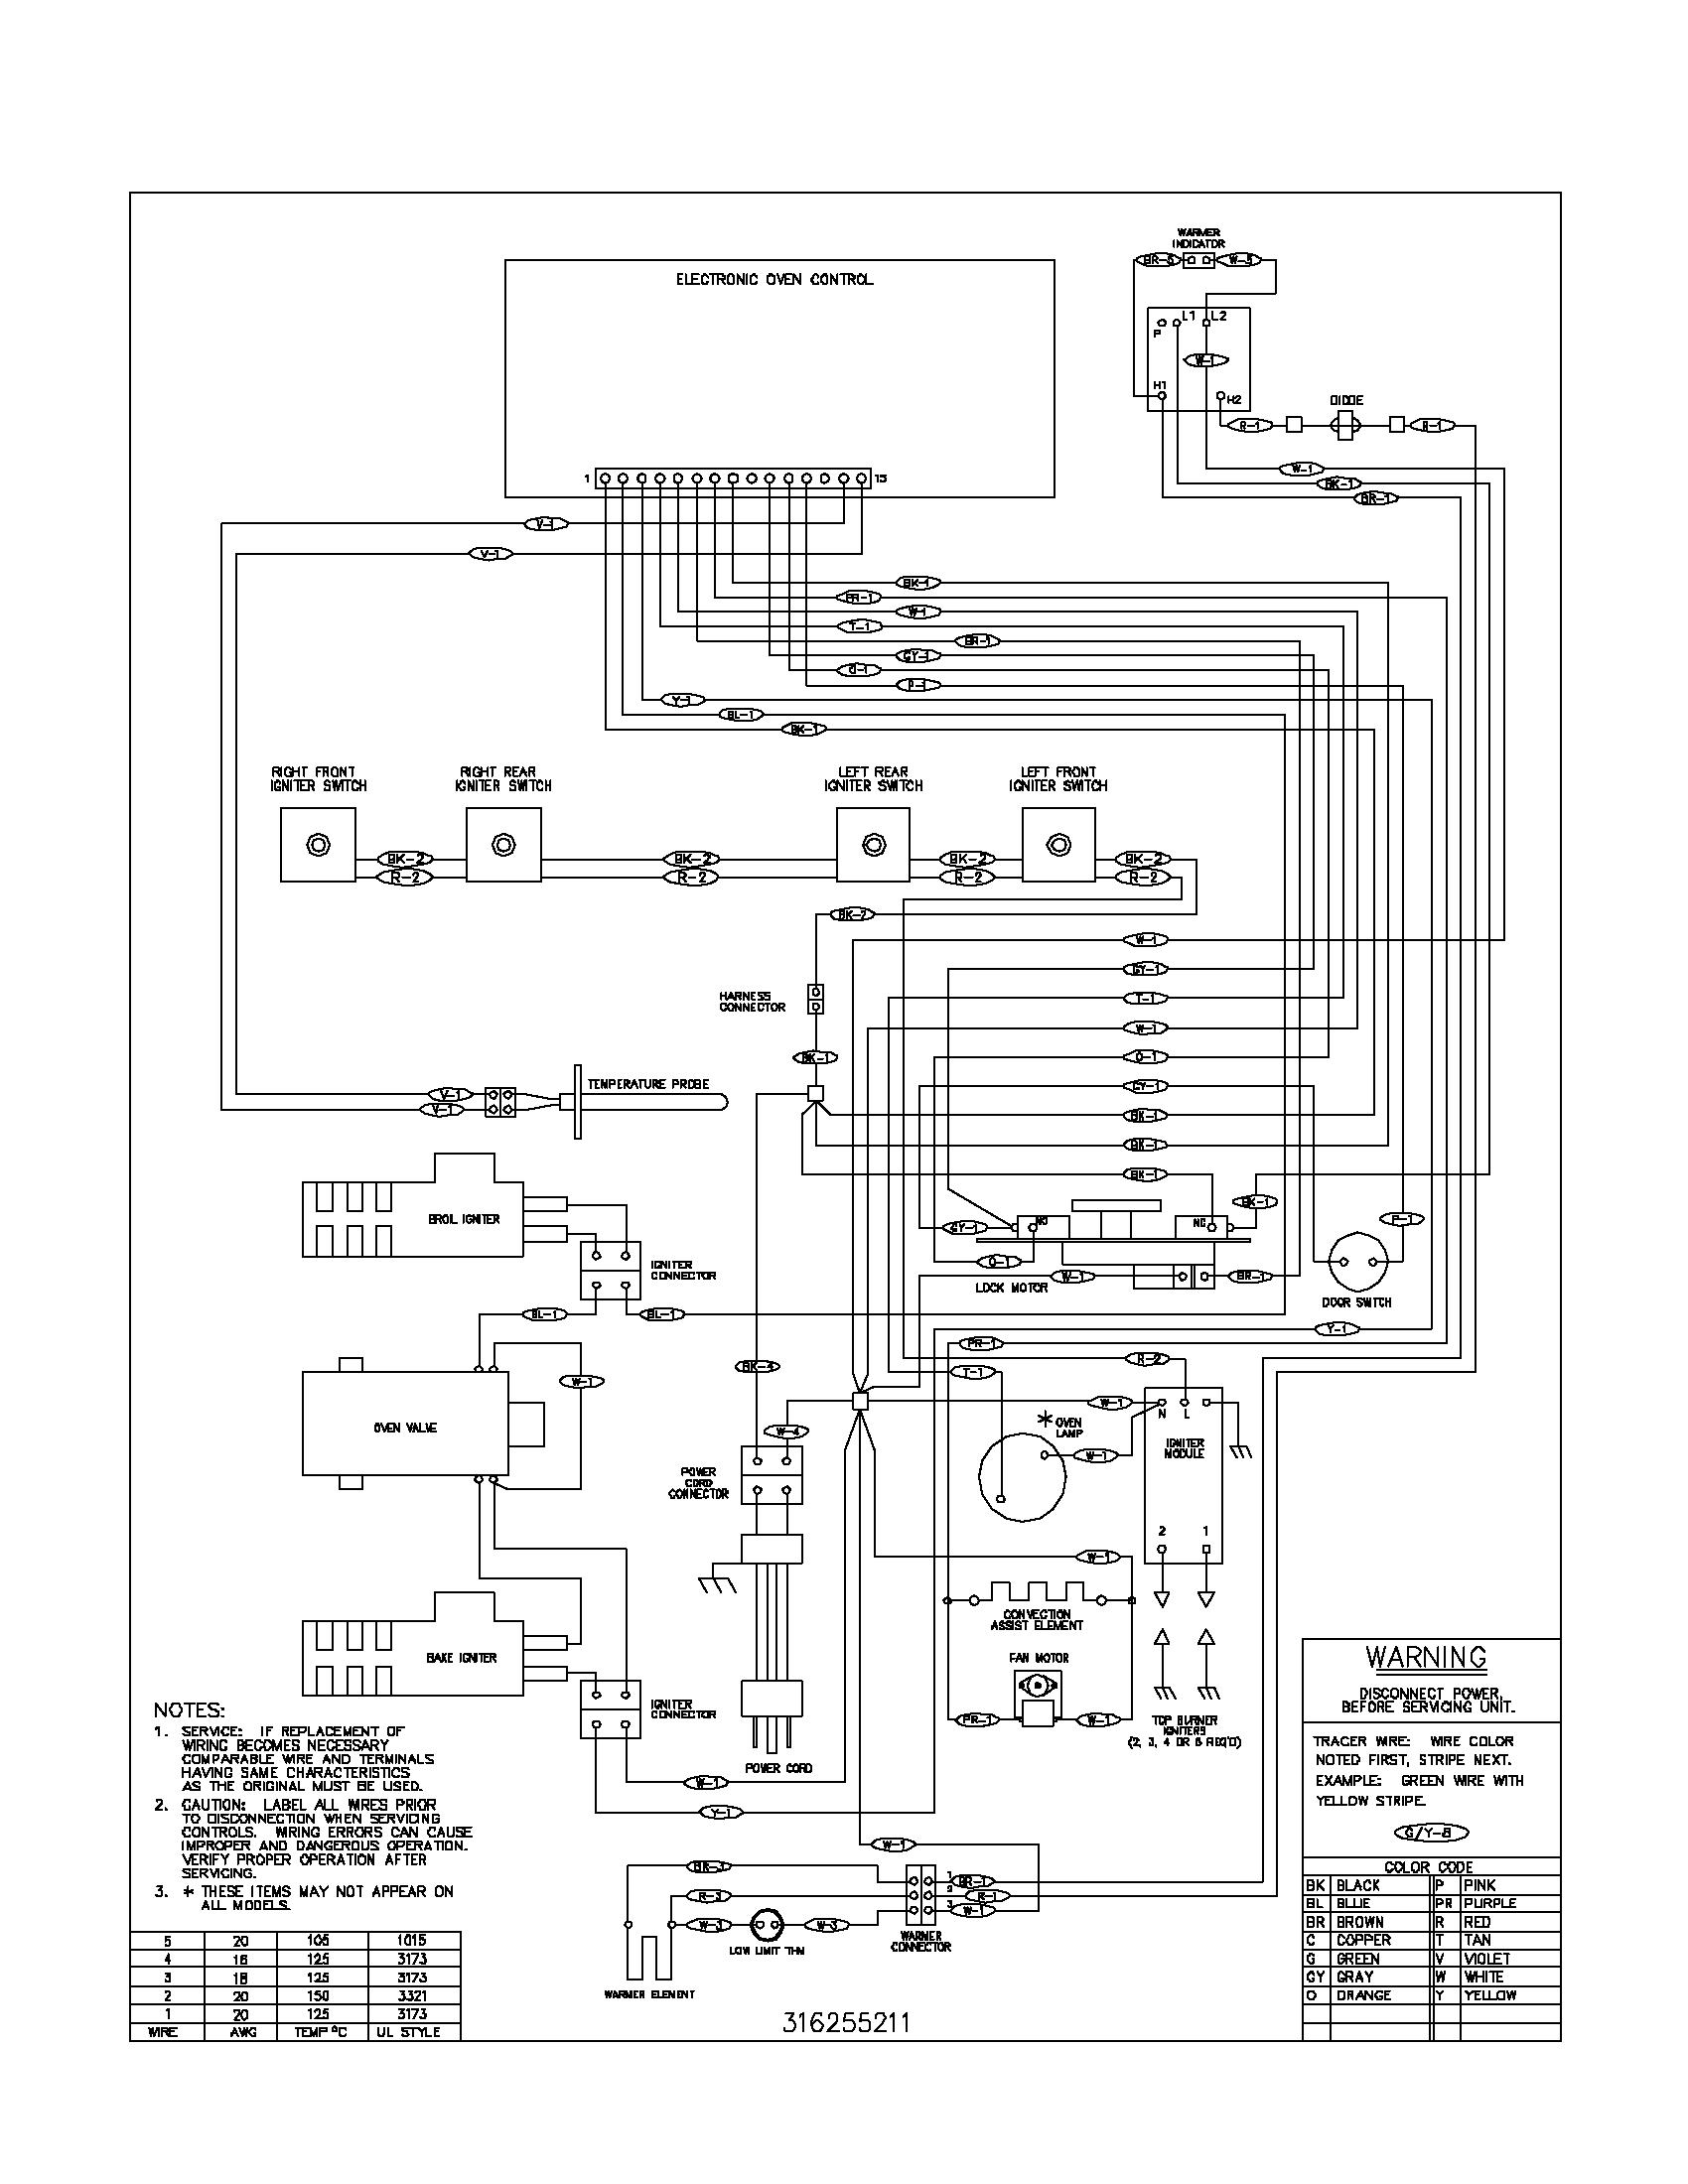 2005 mitsubishi lancer wiring diagram manual original wiring diagram 2005 manual original source mitsubishi lancer wiring diagram asfbconference2016 Images